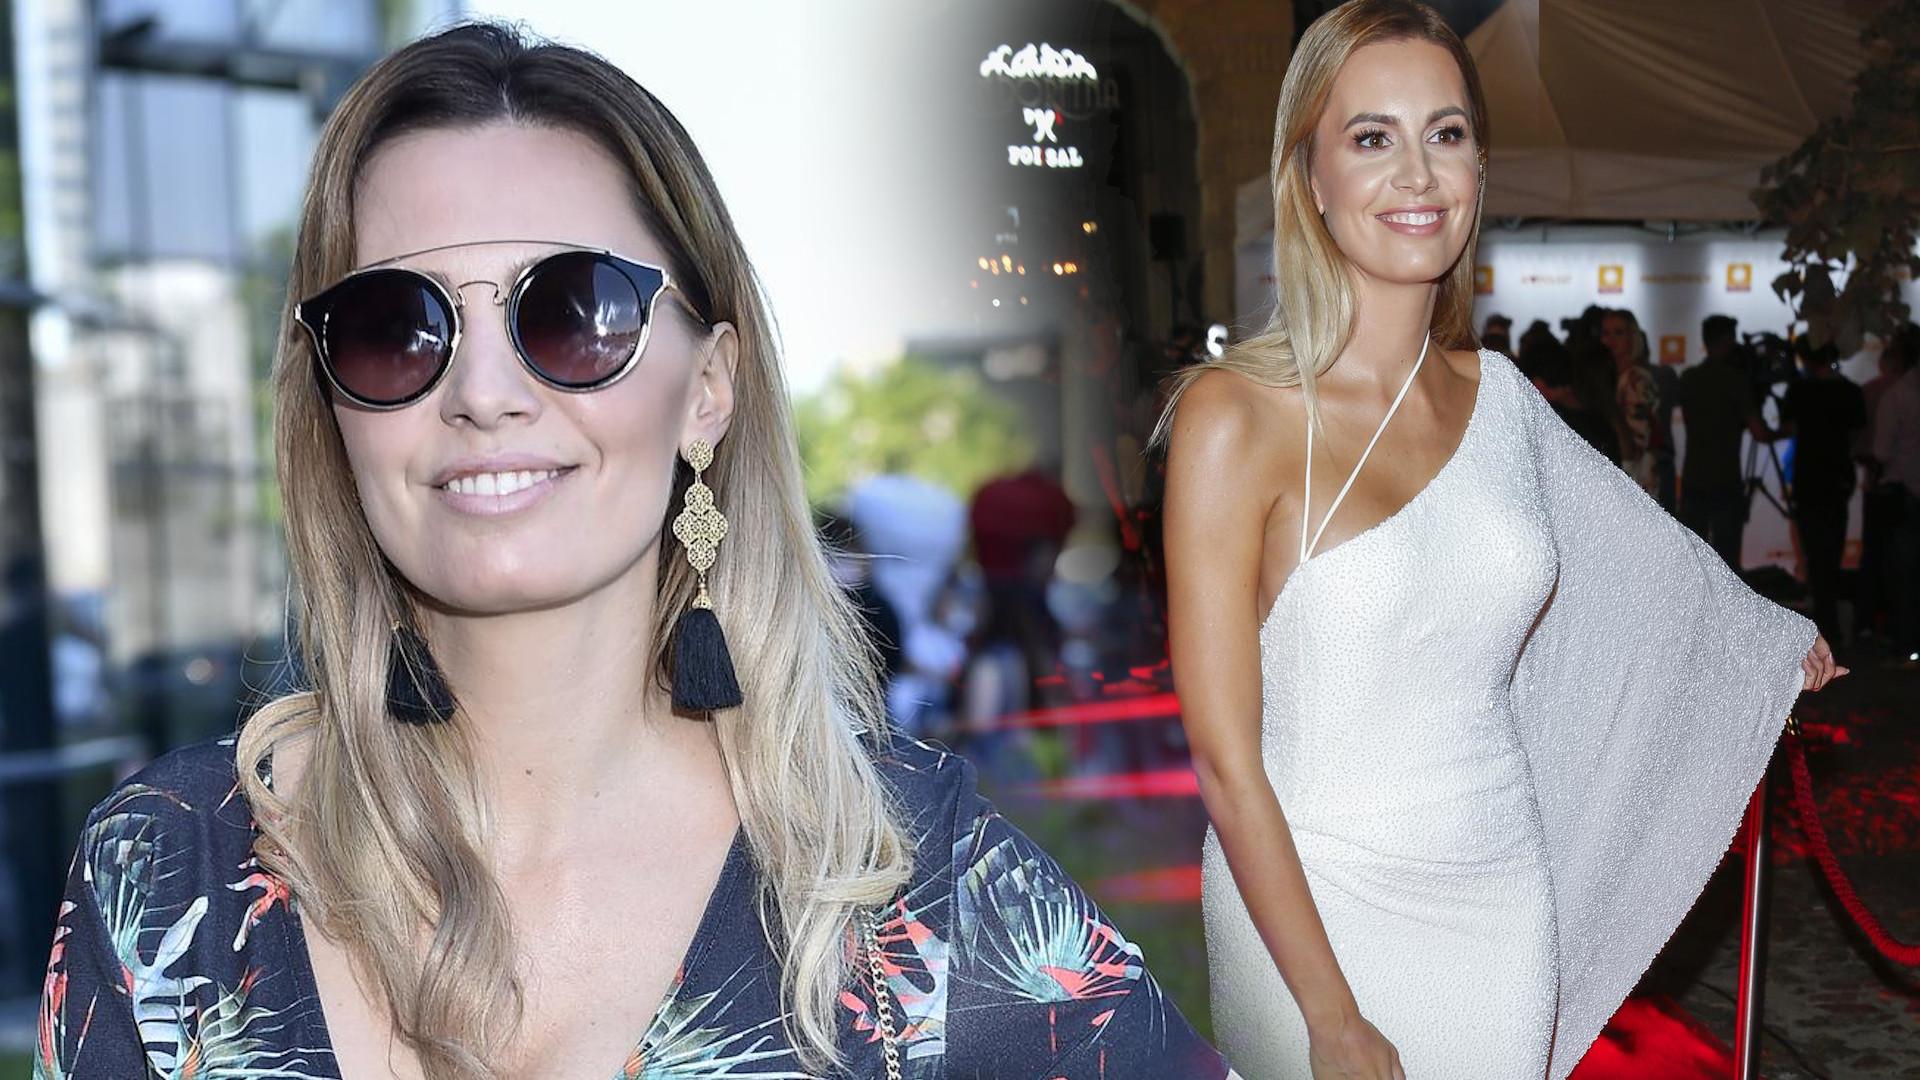 Agnieszka Hyży w seksownym stroju kąpielowym: Jak J.Lo! – piszą fani